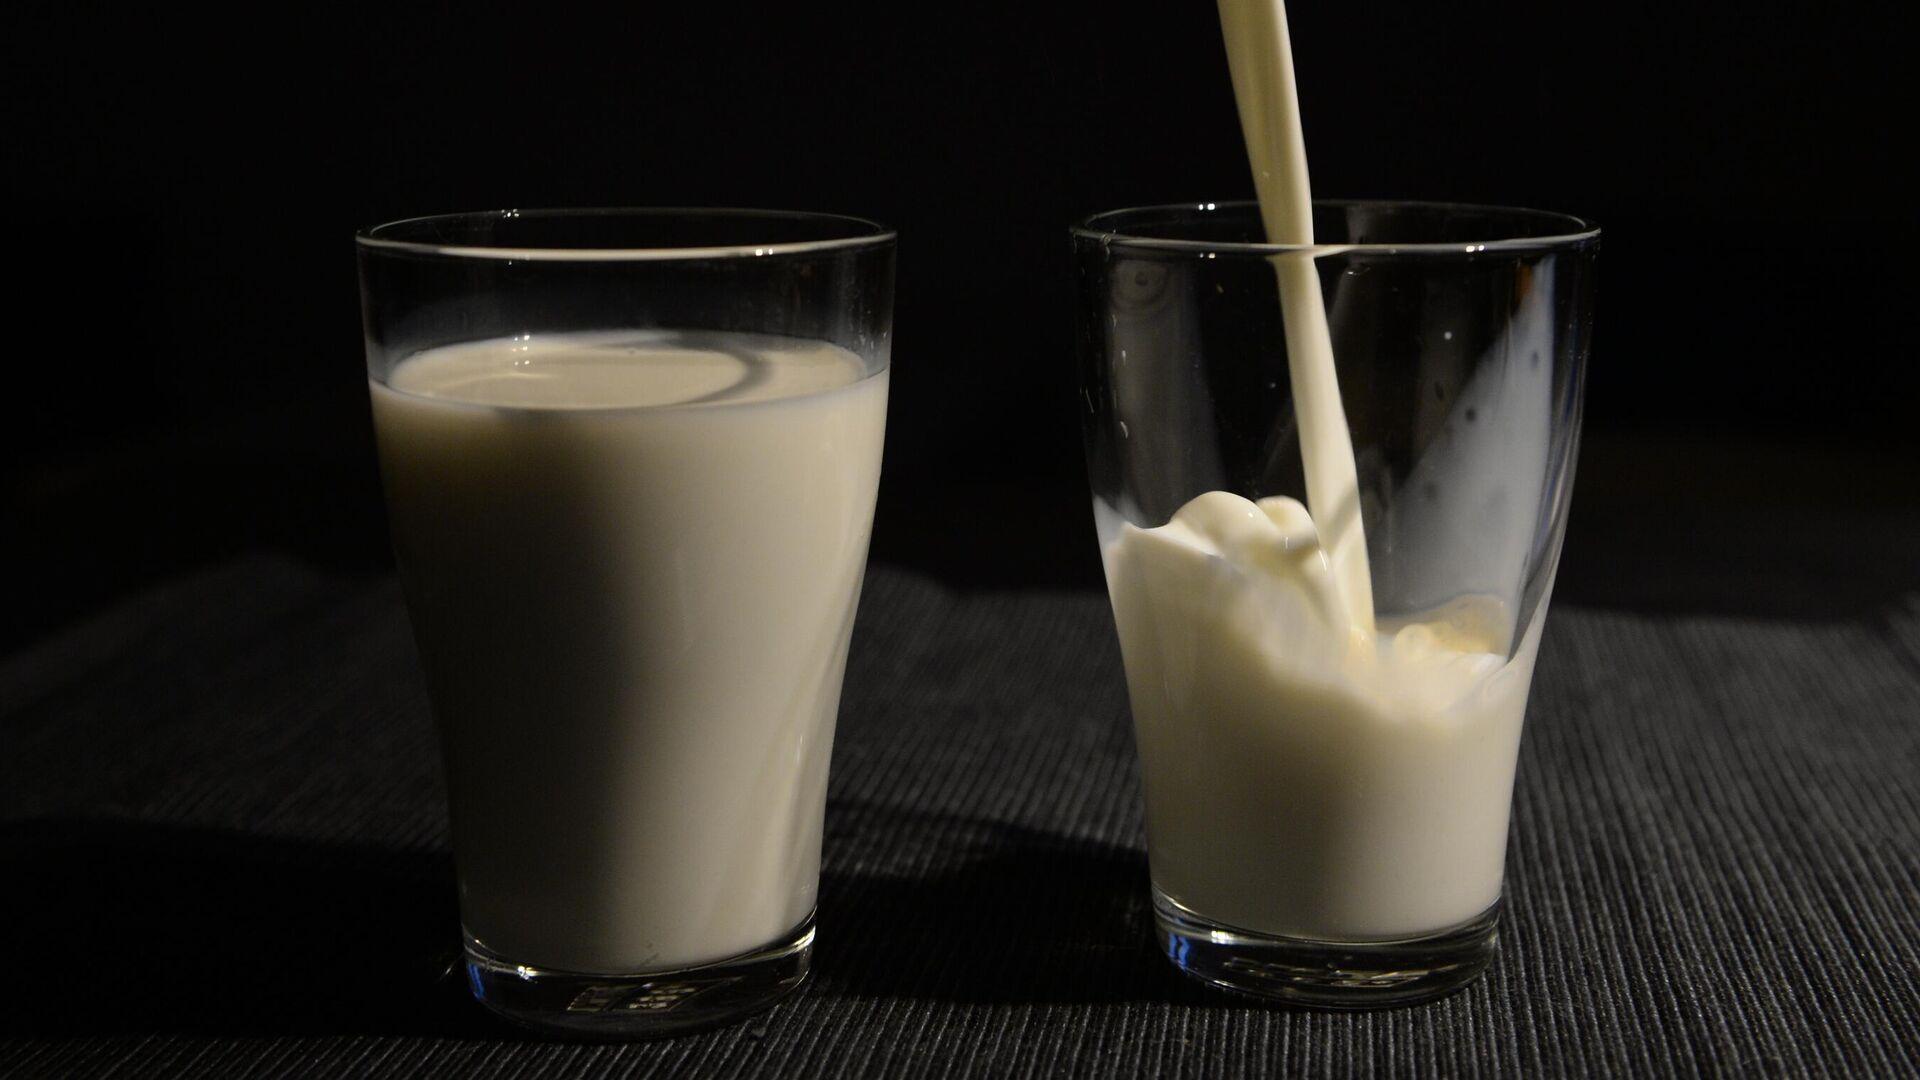 Молоко в стаканах - РИА Новости, 1920, 24.09.2020